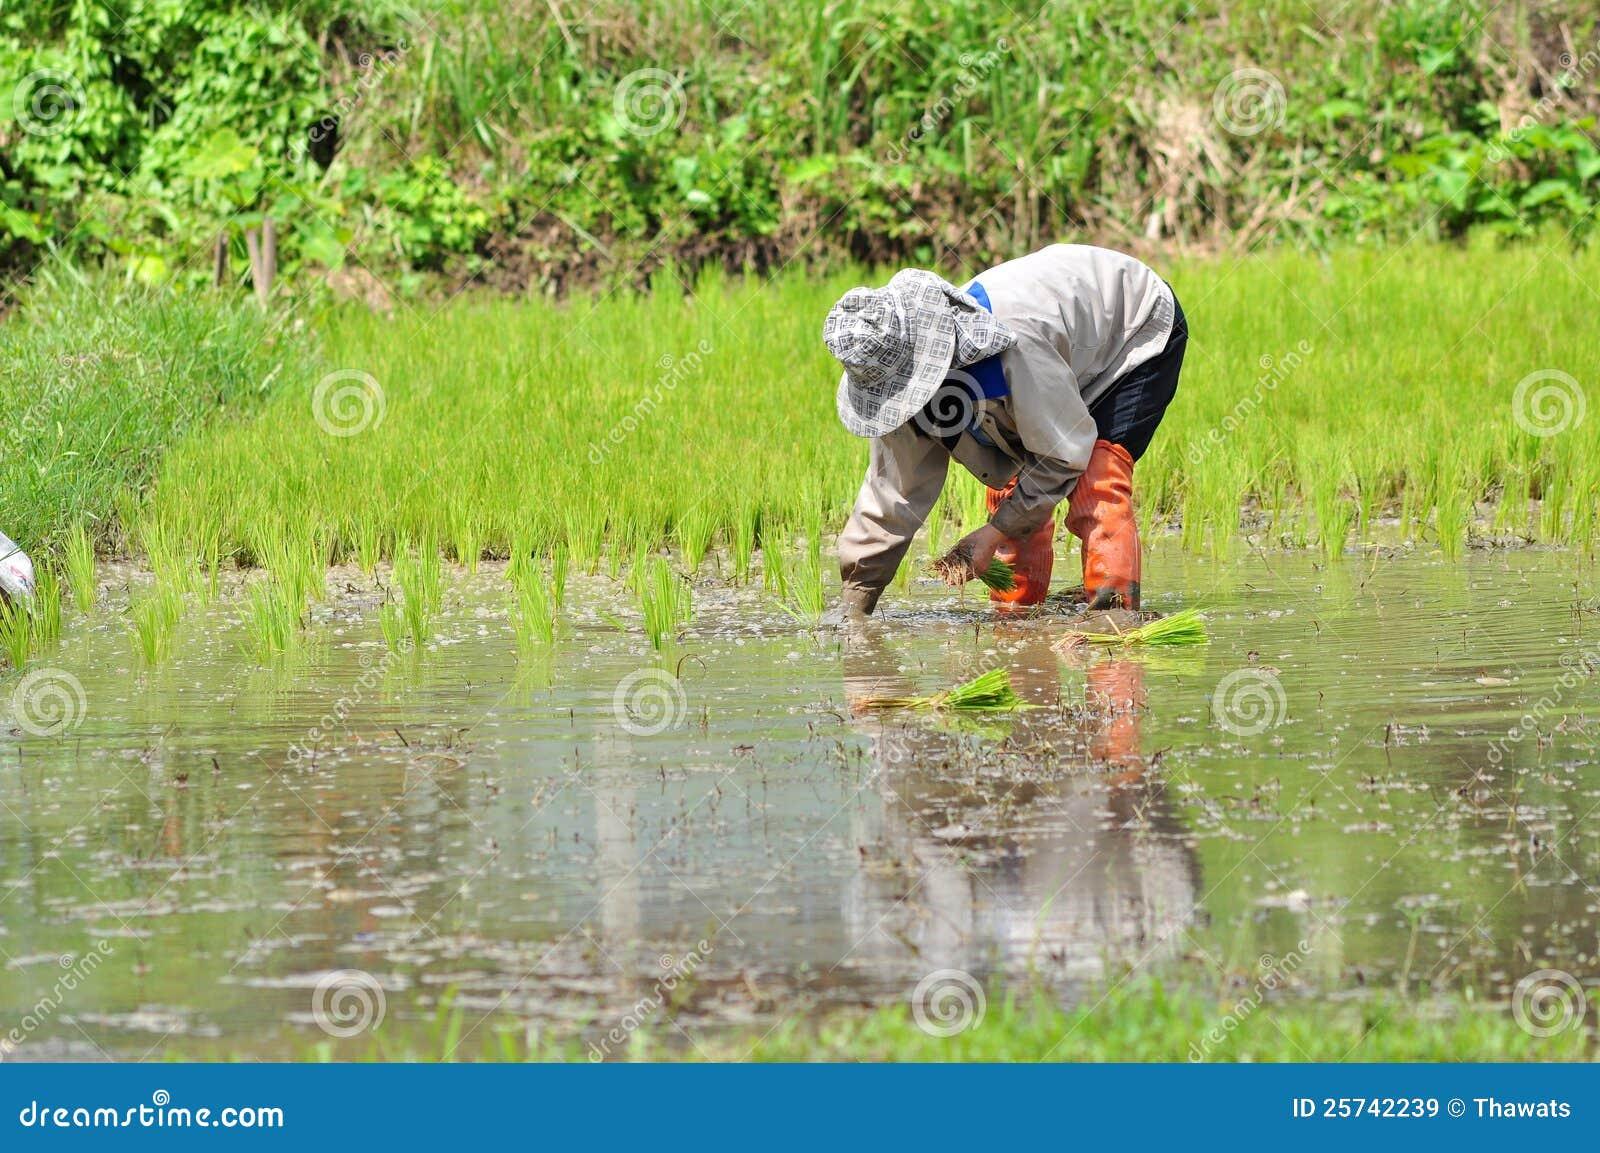 Rice seedling transplanting.